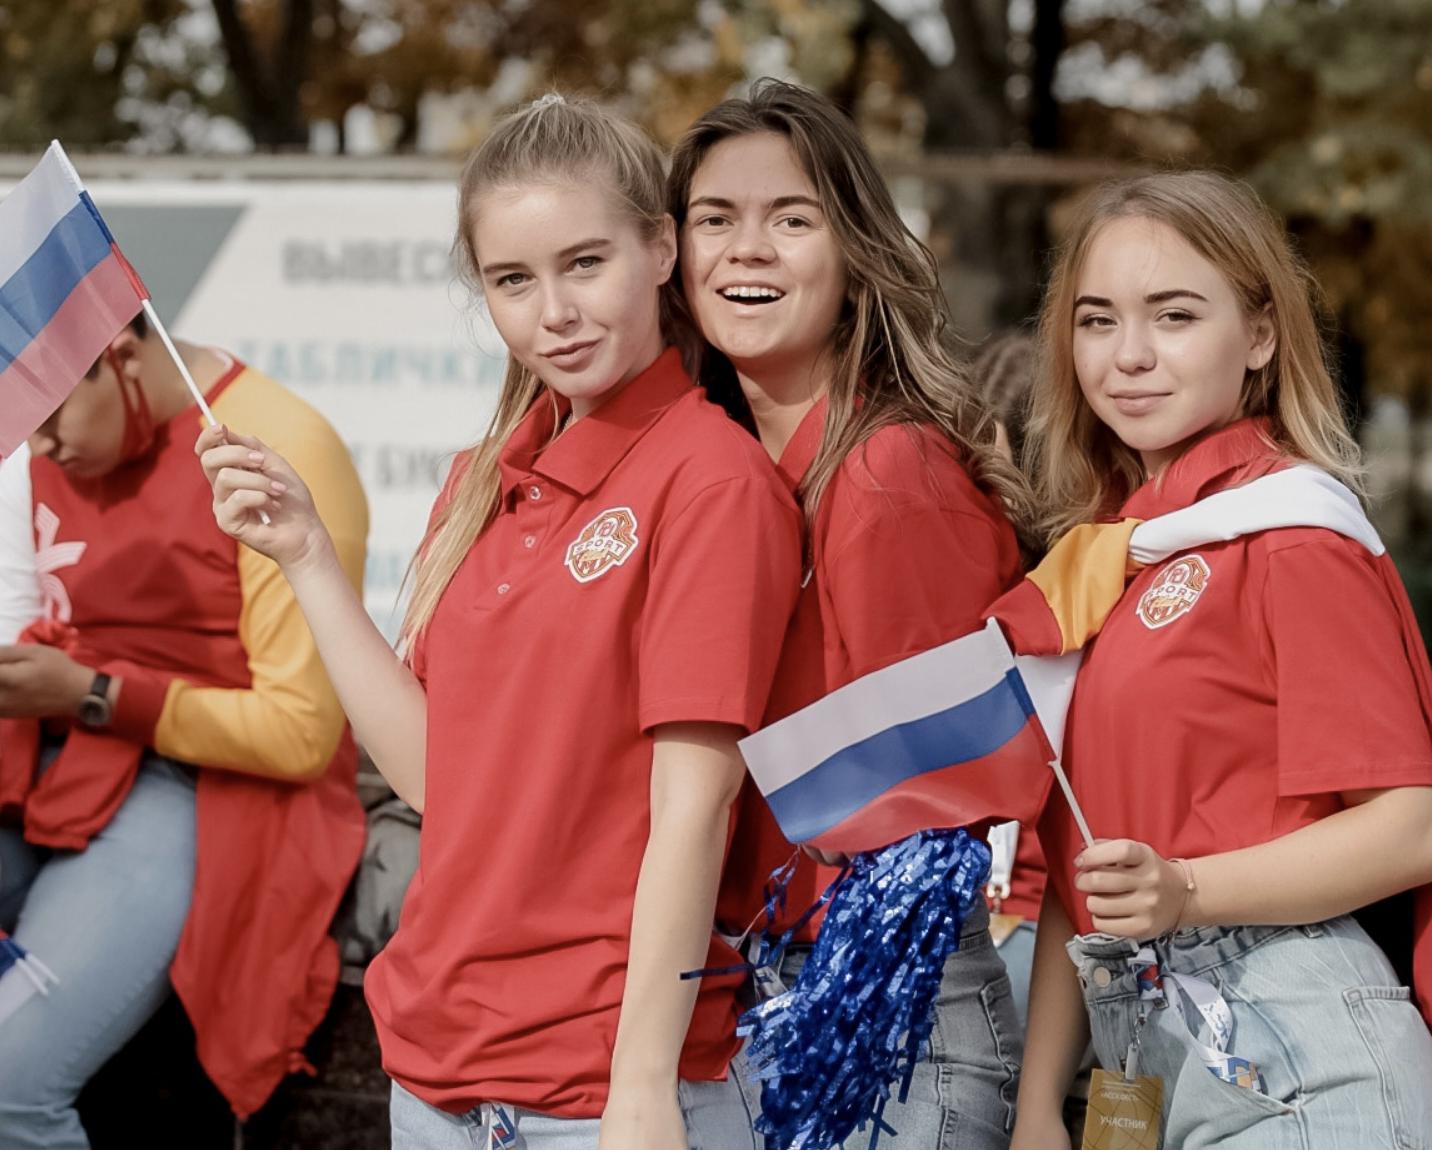 Путин поприветствовал участников фестиваля студенческого спорта АССК. Фест